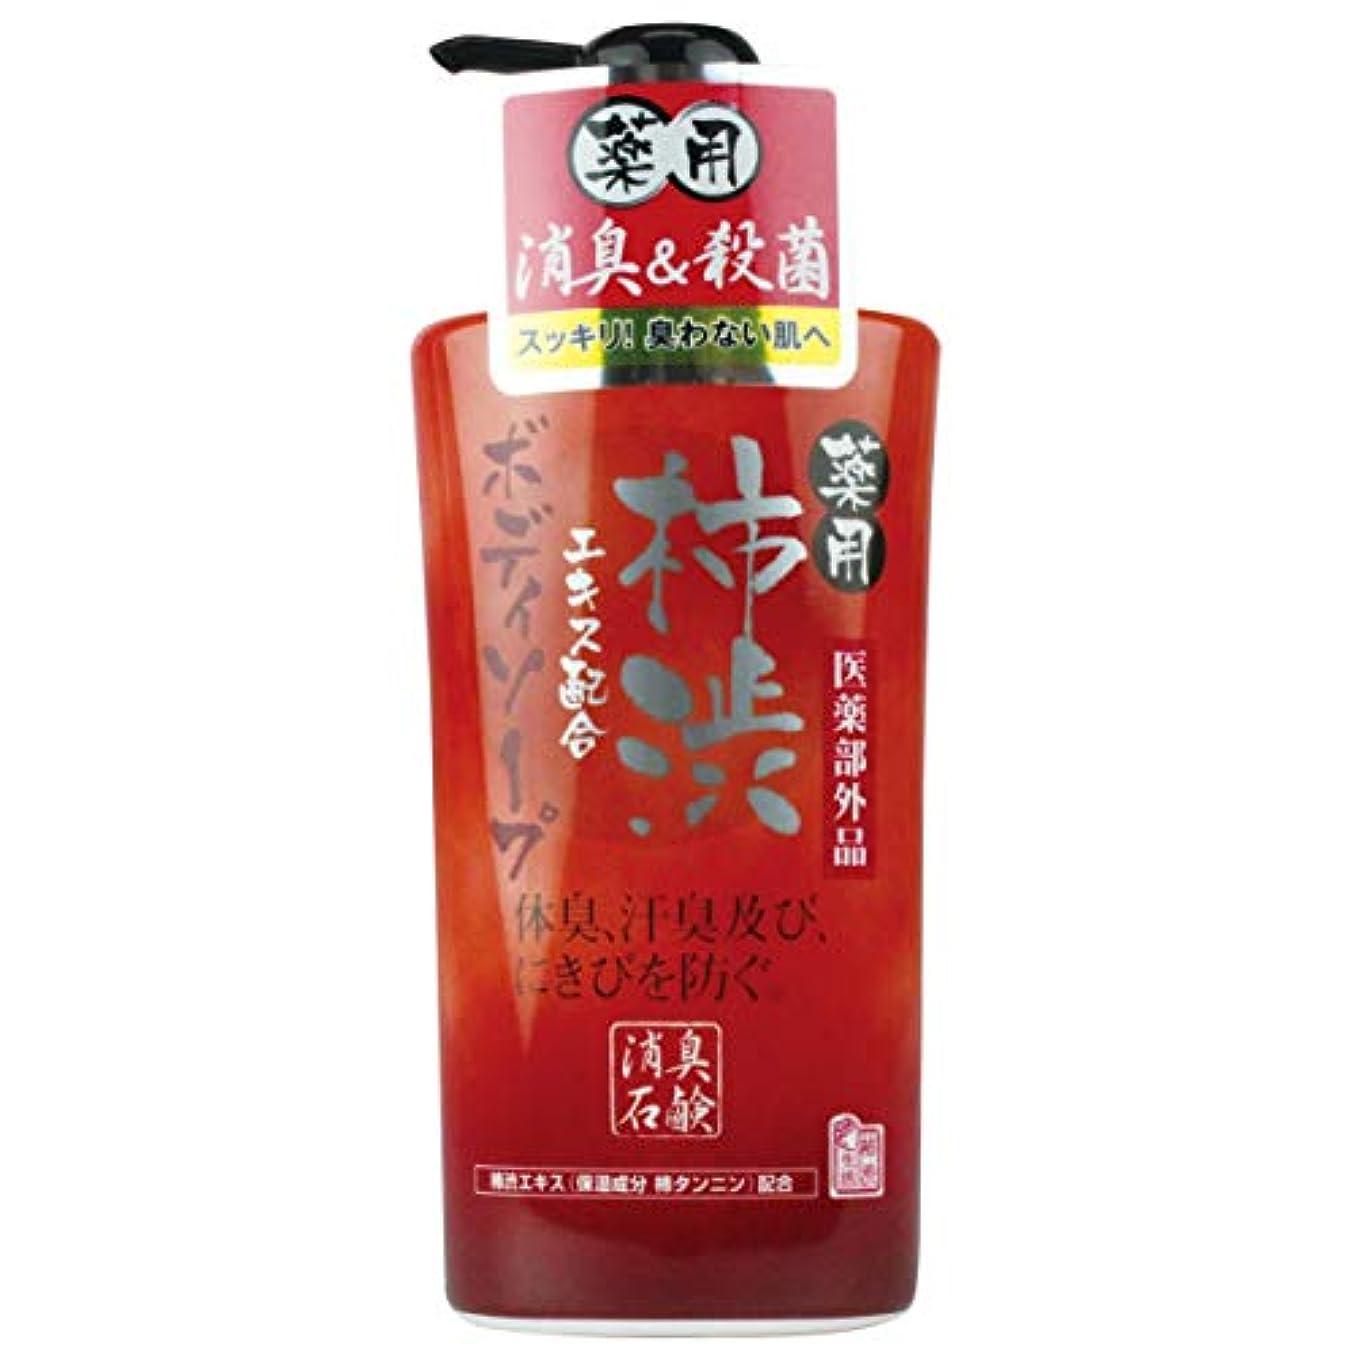 デッドロック打倒経済的薬用柿渋 ボディソープ 550mL 【医薬部外品】